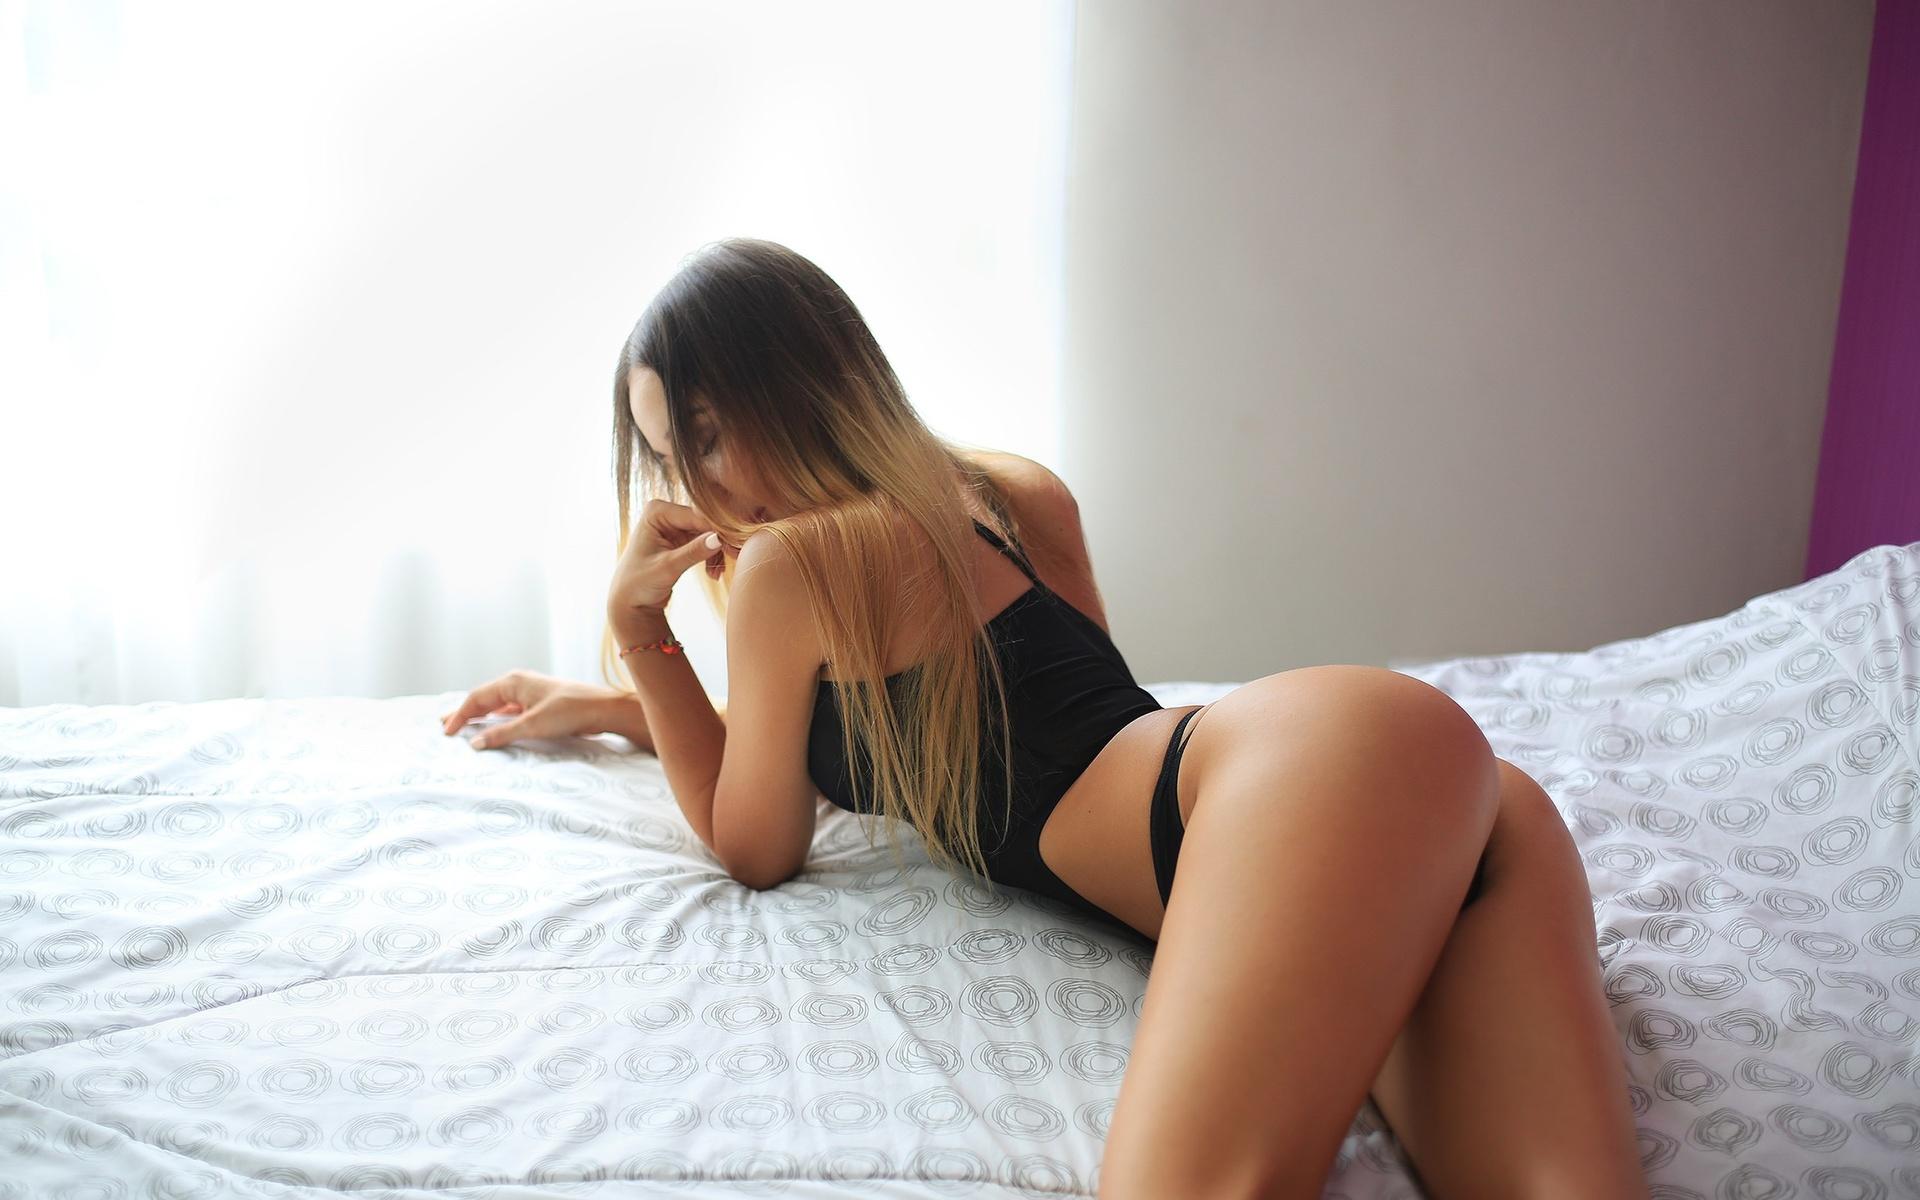 Charlotte engelhardt nude